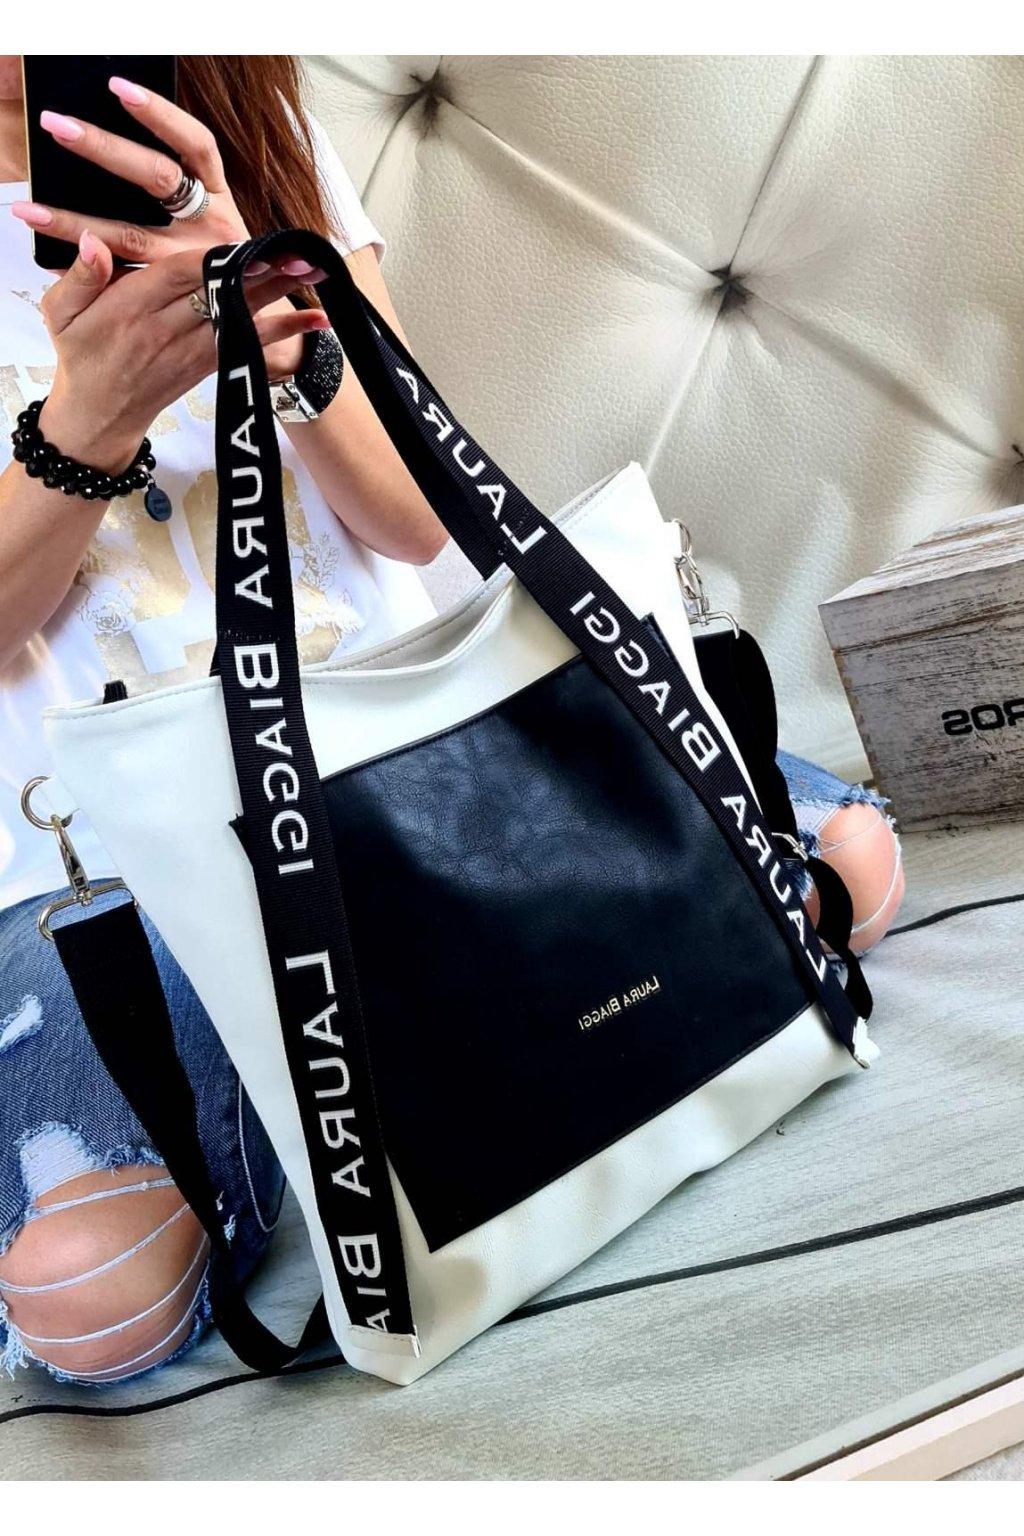 sendy bíločerná kabelka laura biaggi trendy luxusní kabelky značkové